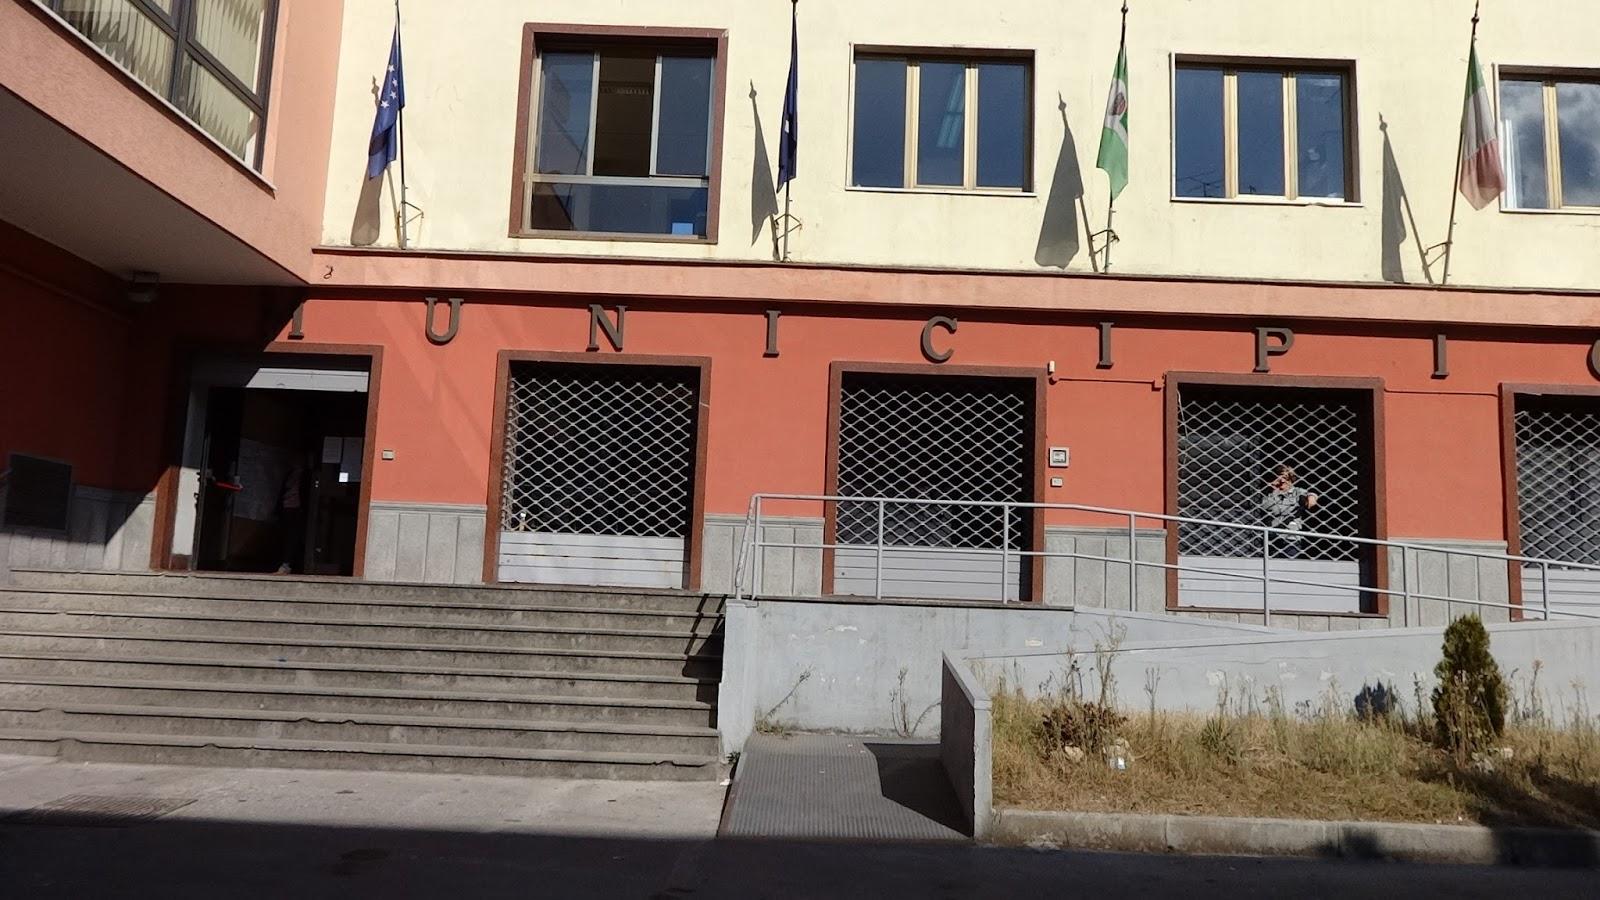 Ufficio Casa Giugliano In Campania Graduatoria 2015 : Calvizzano spesa media per dipendente tra le più alte del